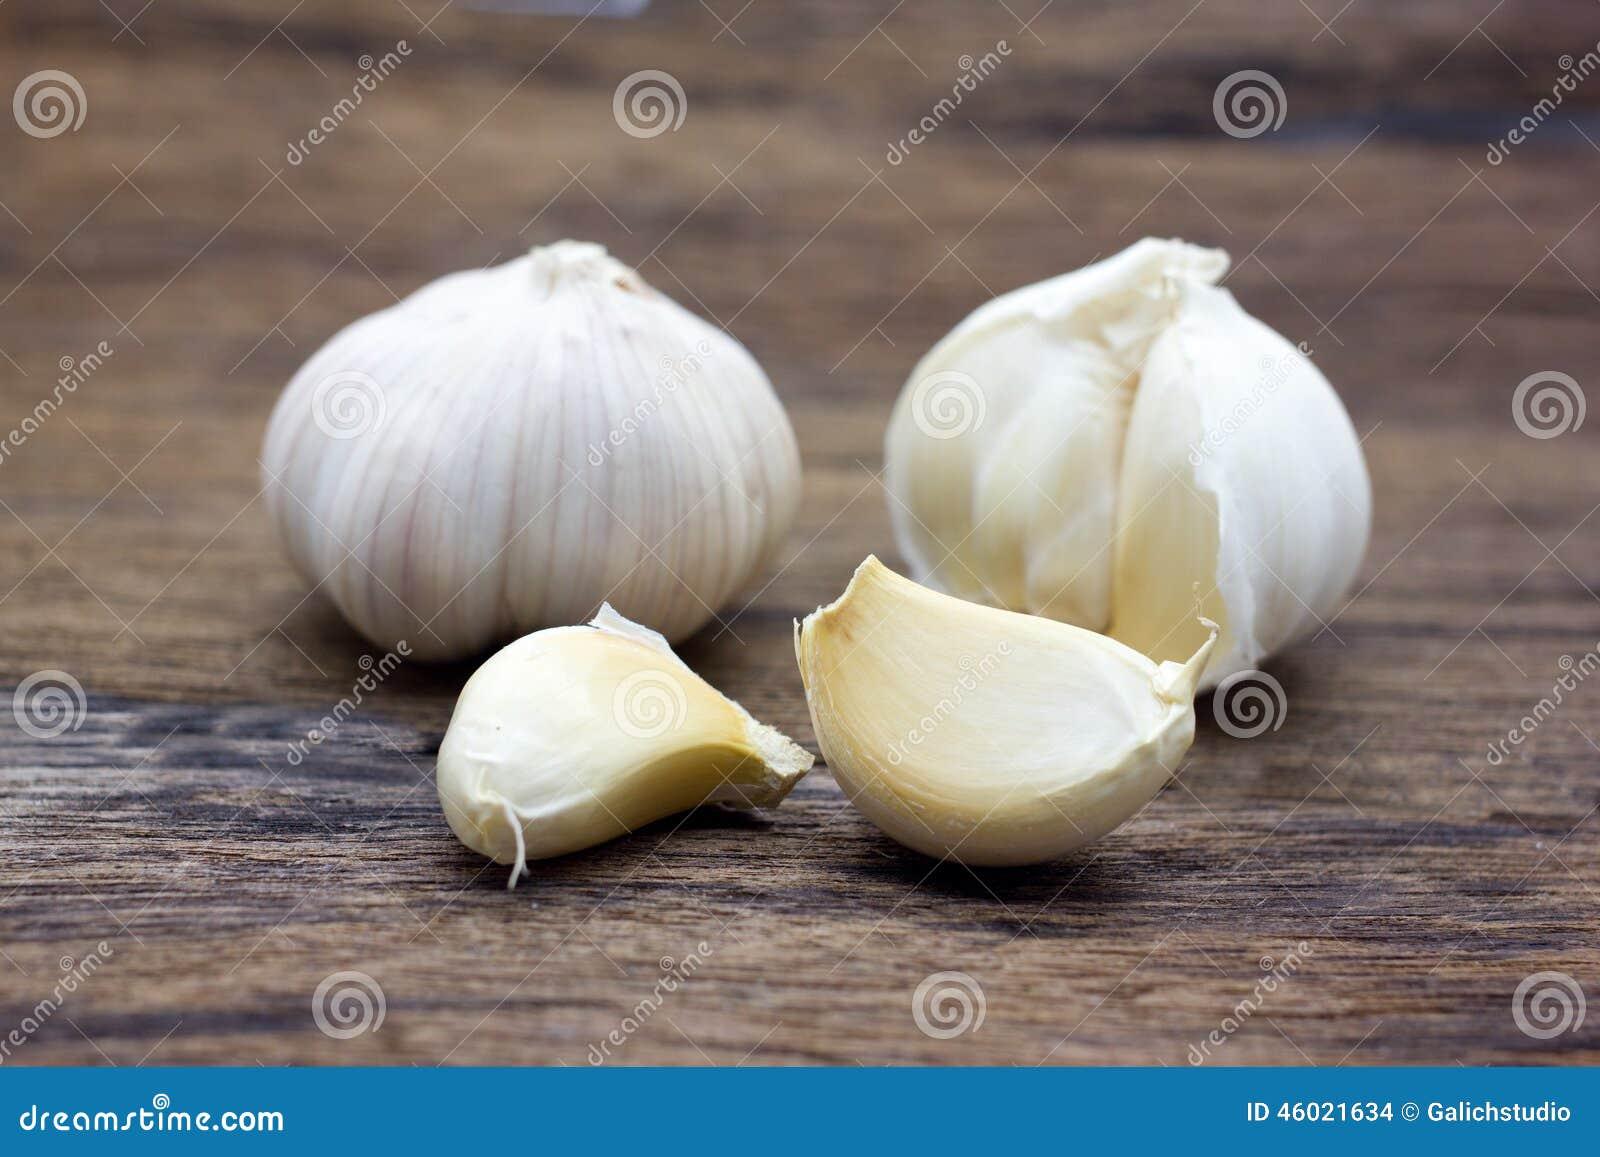 整体有机的大蒜和丁香